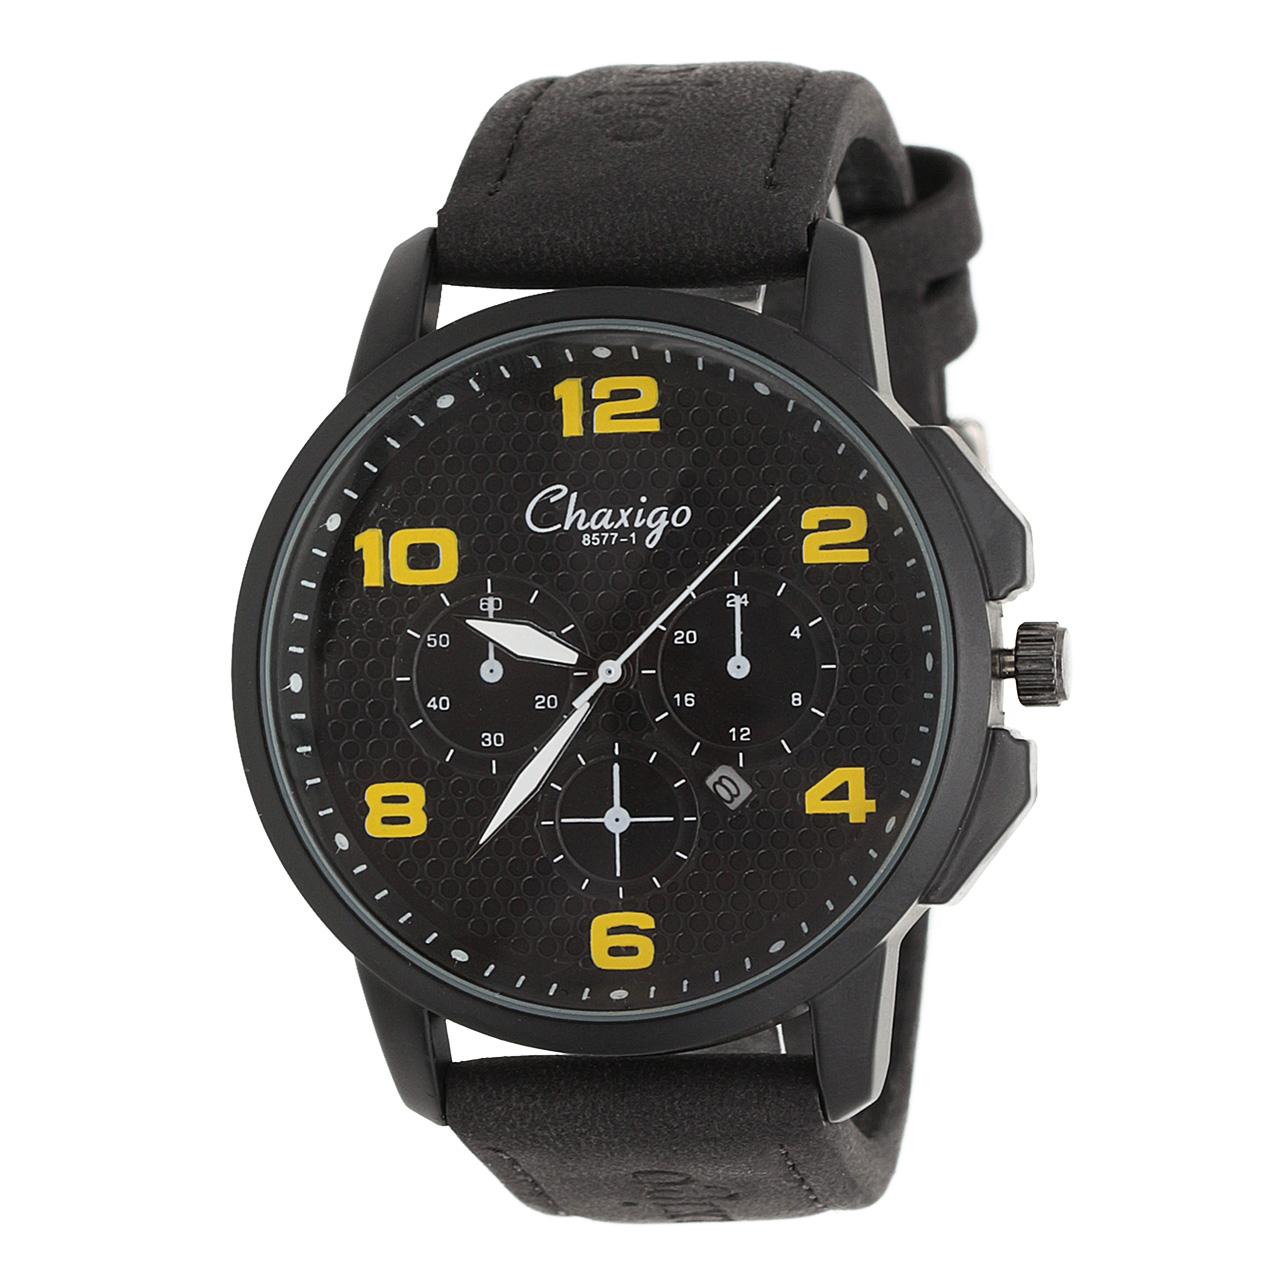 ساعت مچی عقربه ای چاکسیگو مدل CH1636 6